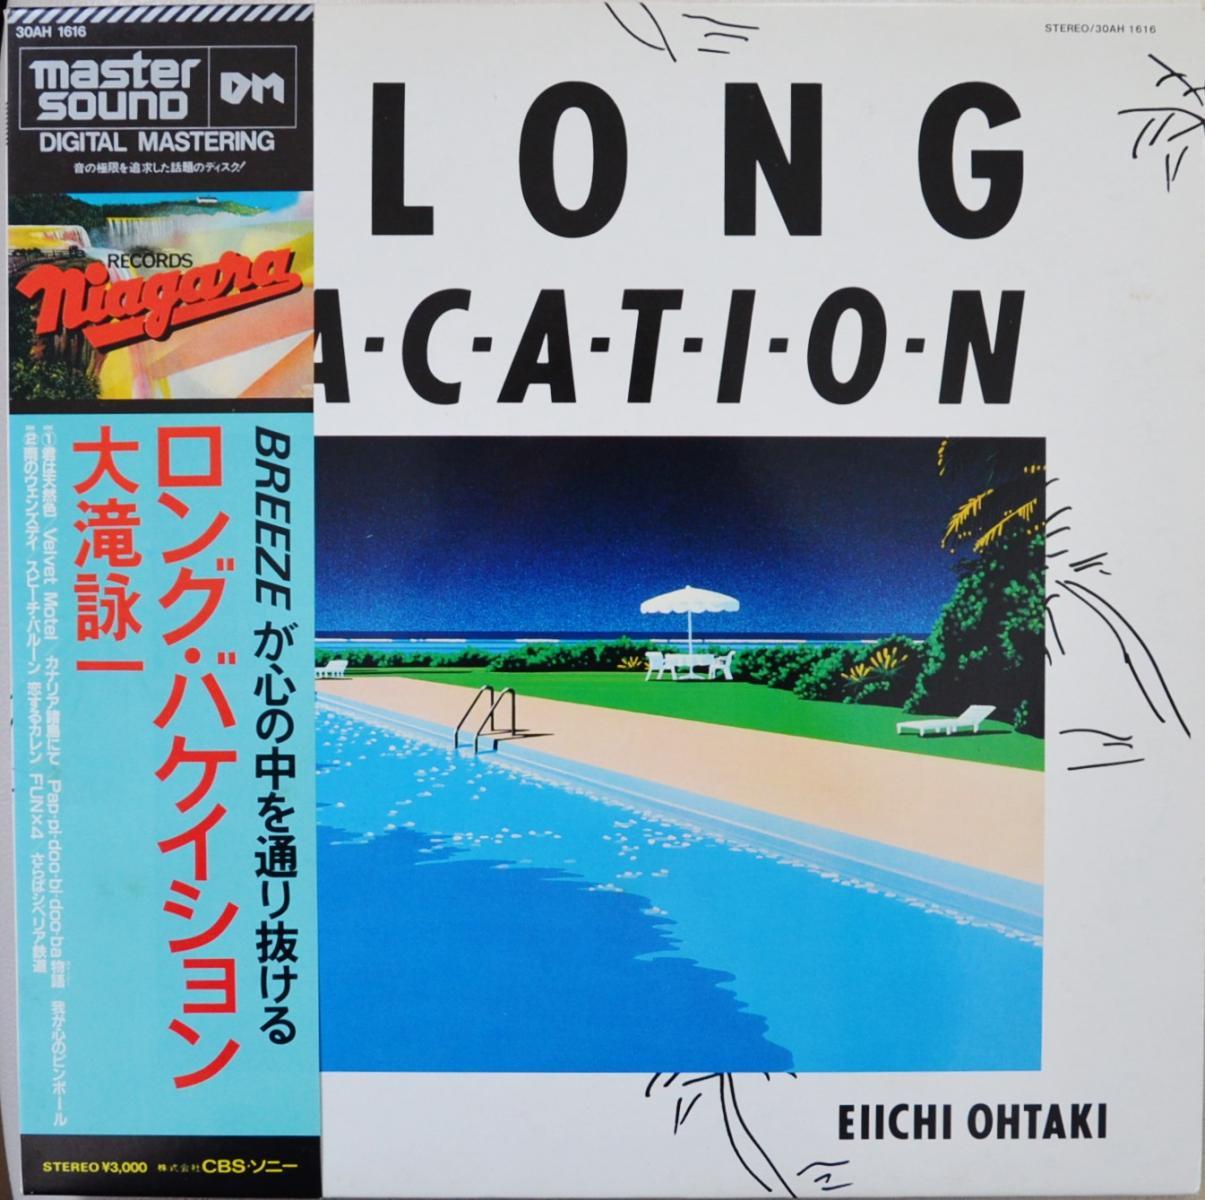 大滝詠一 EIICHI OHTAKI  / ロング・バケイション A LONG VACATION - MASTER SOUND (LP)